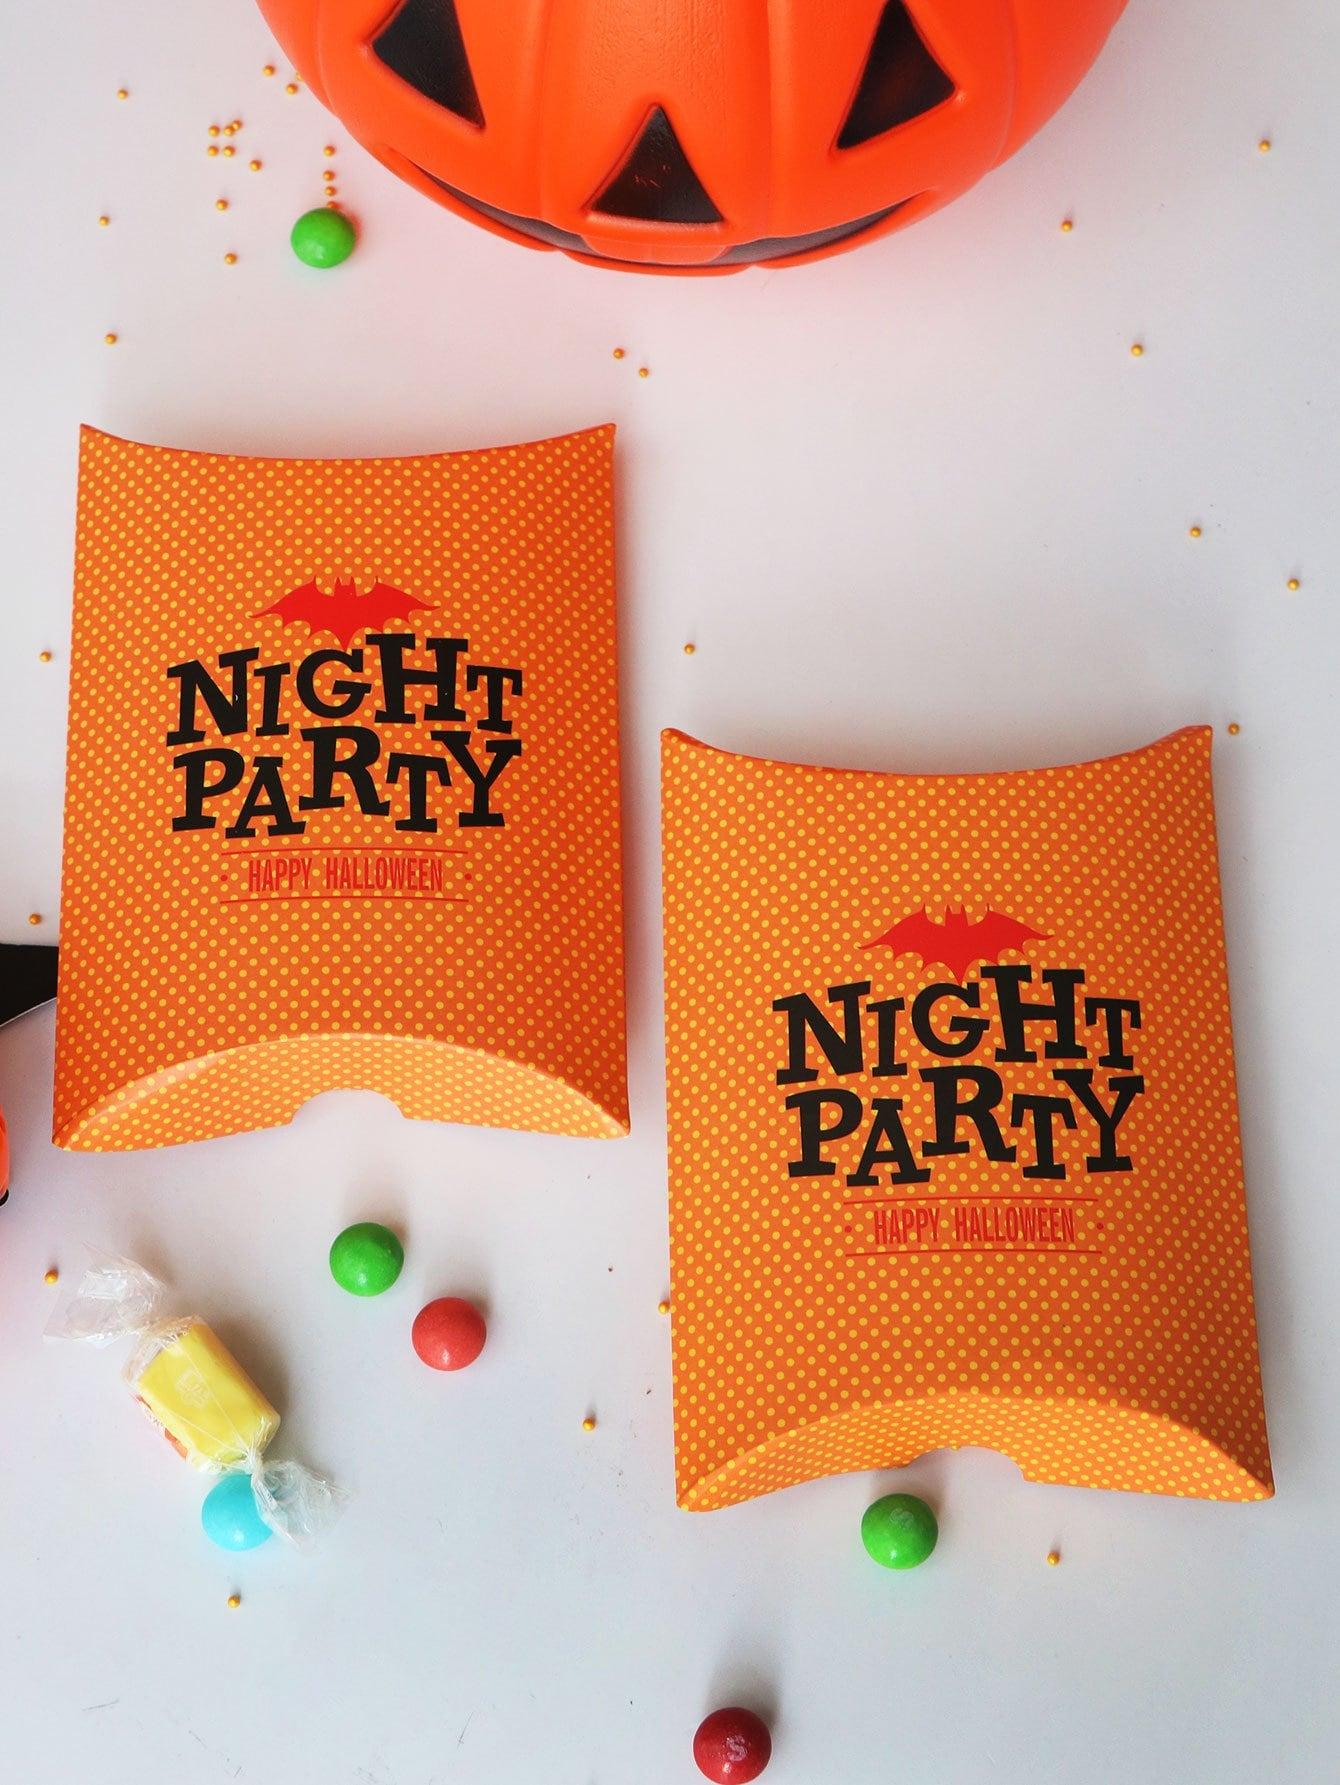 Хэллоуин Slogan Print Pillow Box 10pcs